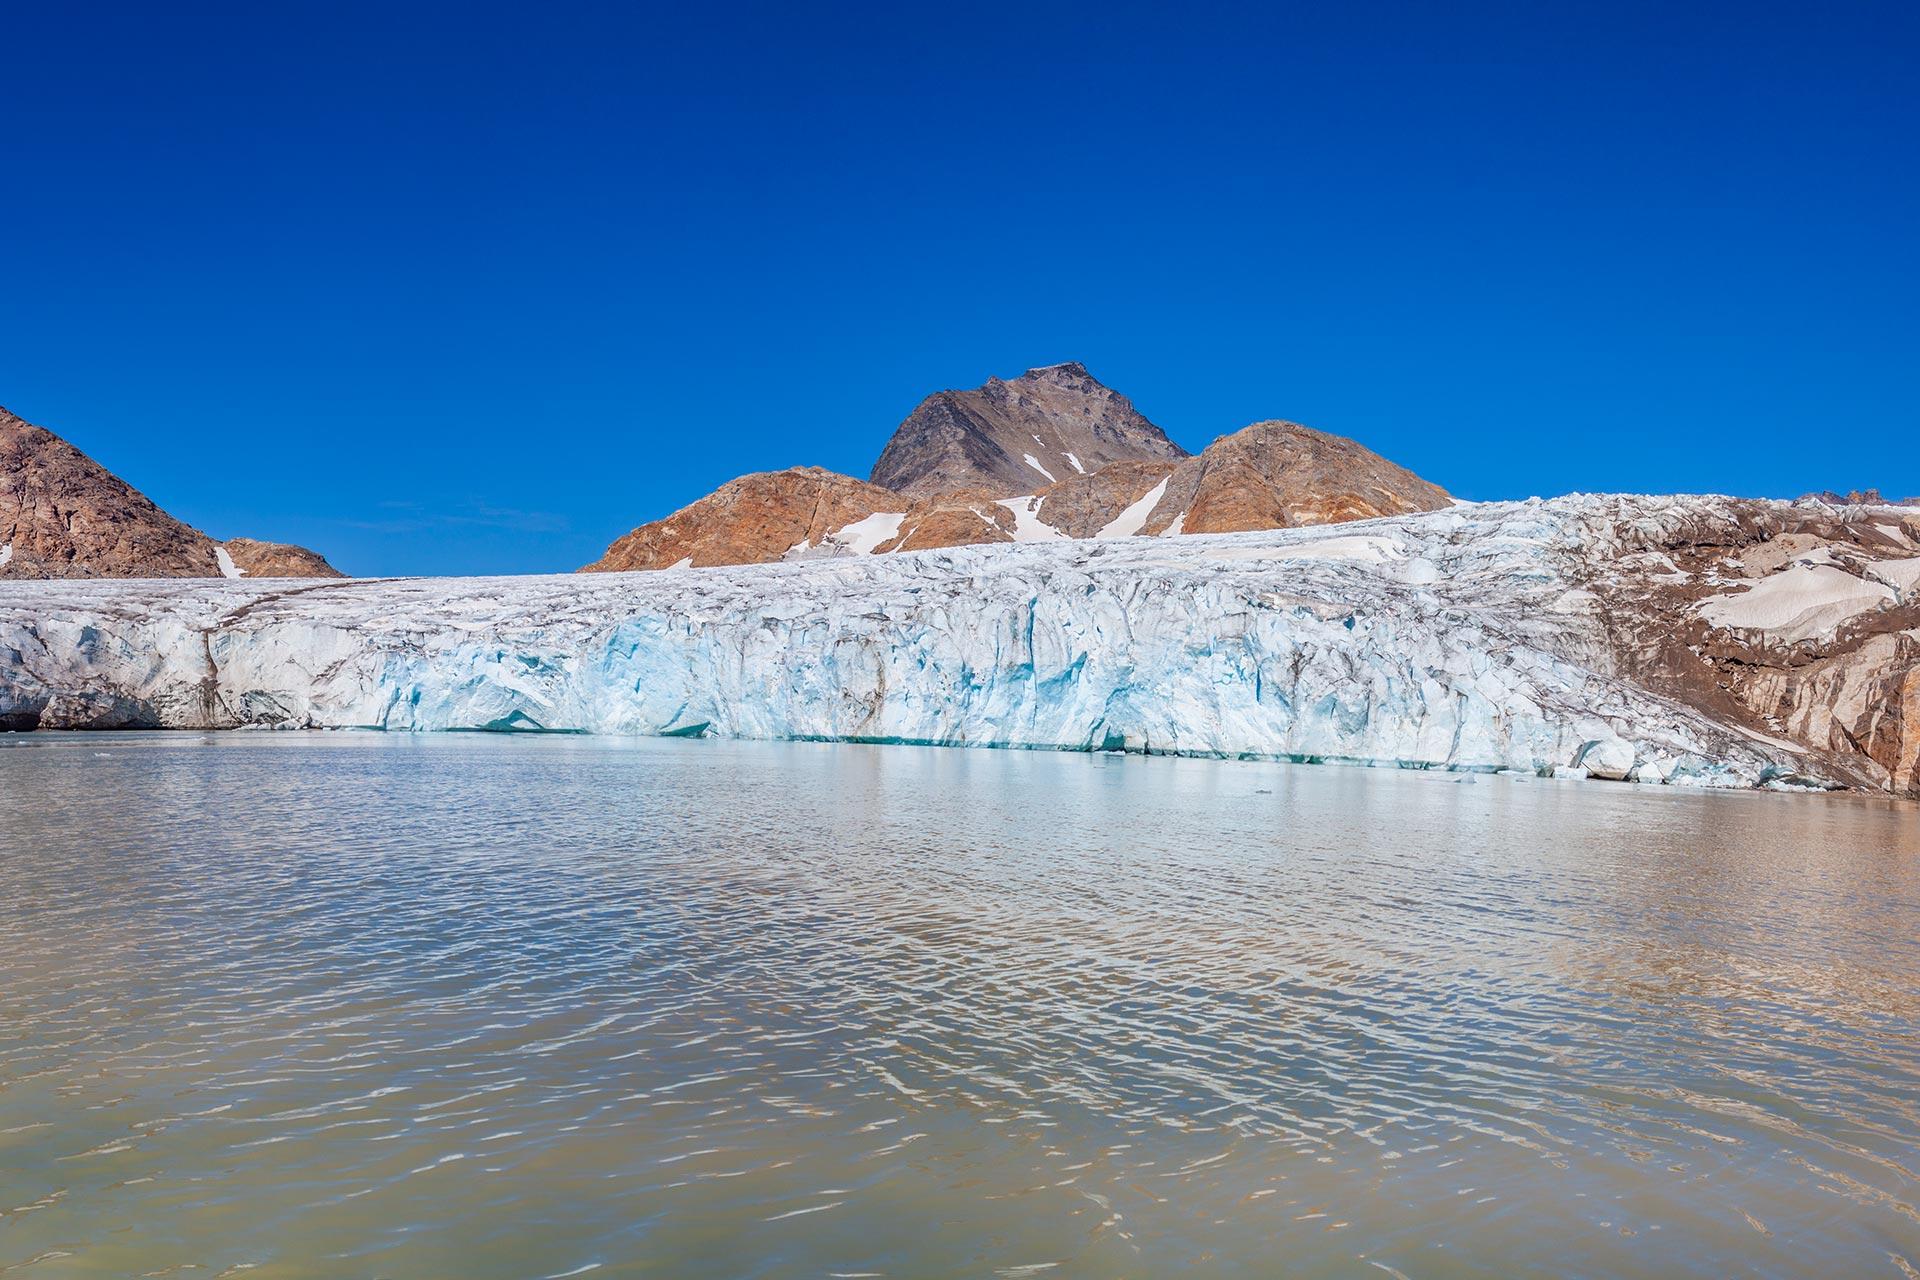 Apusiaajik Glacier